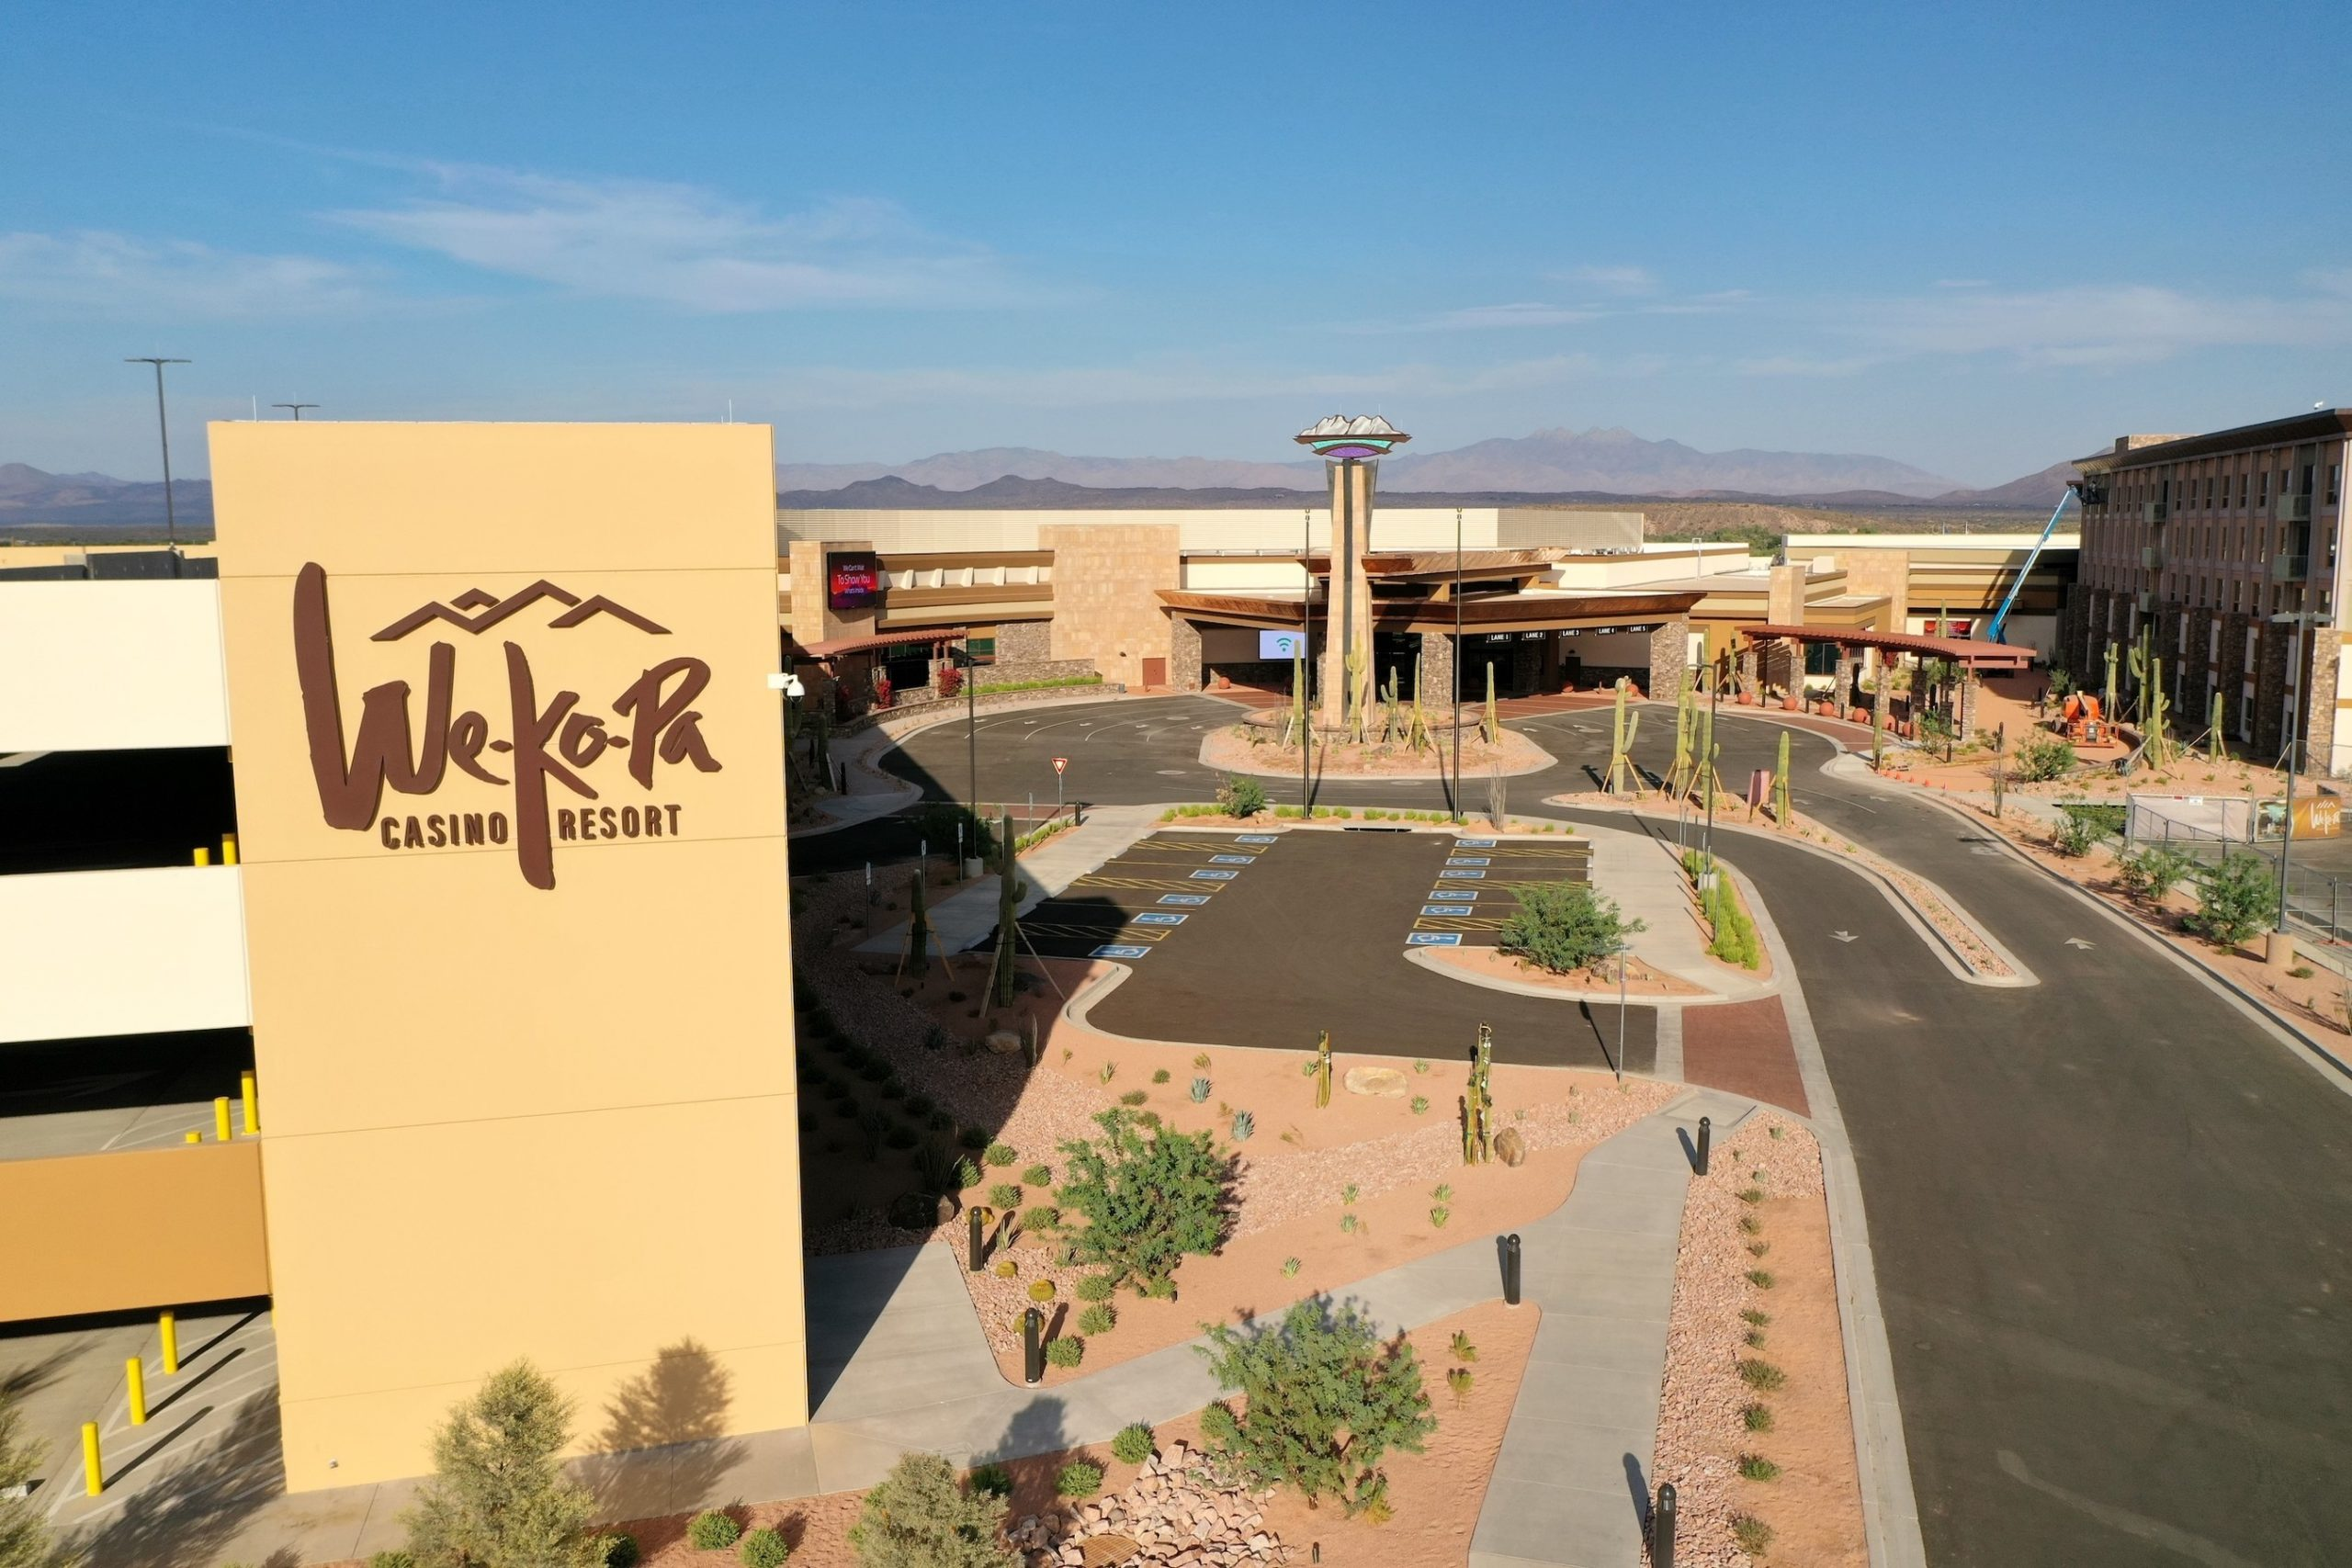 Arizona's Newest Casino We-Ko-Pa Opens Its Doors